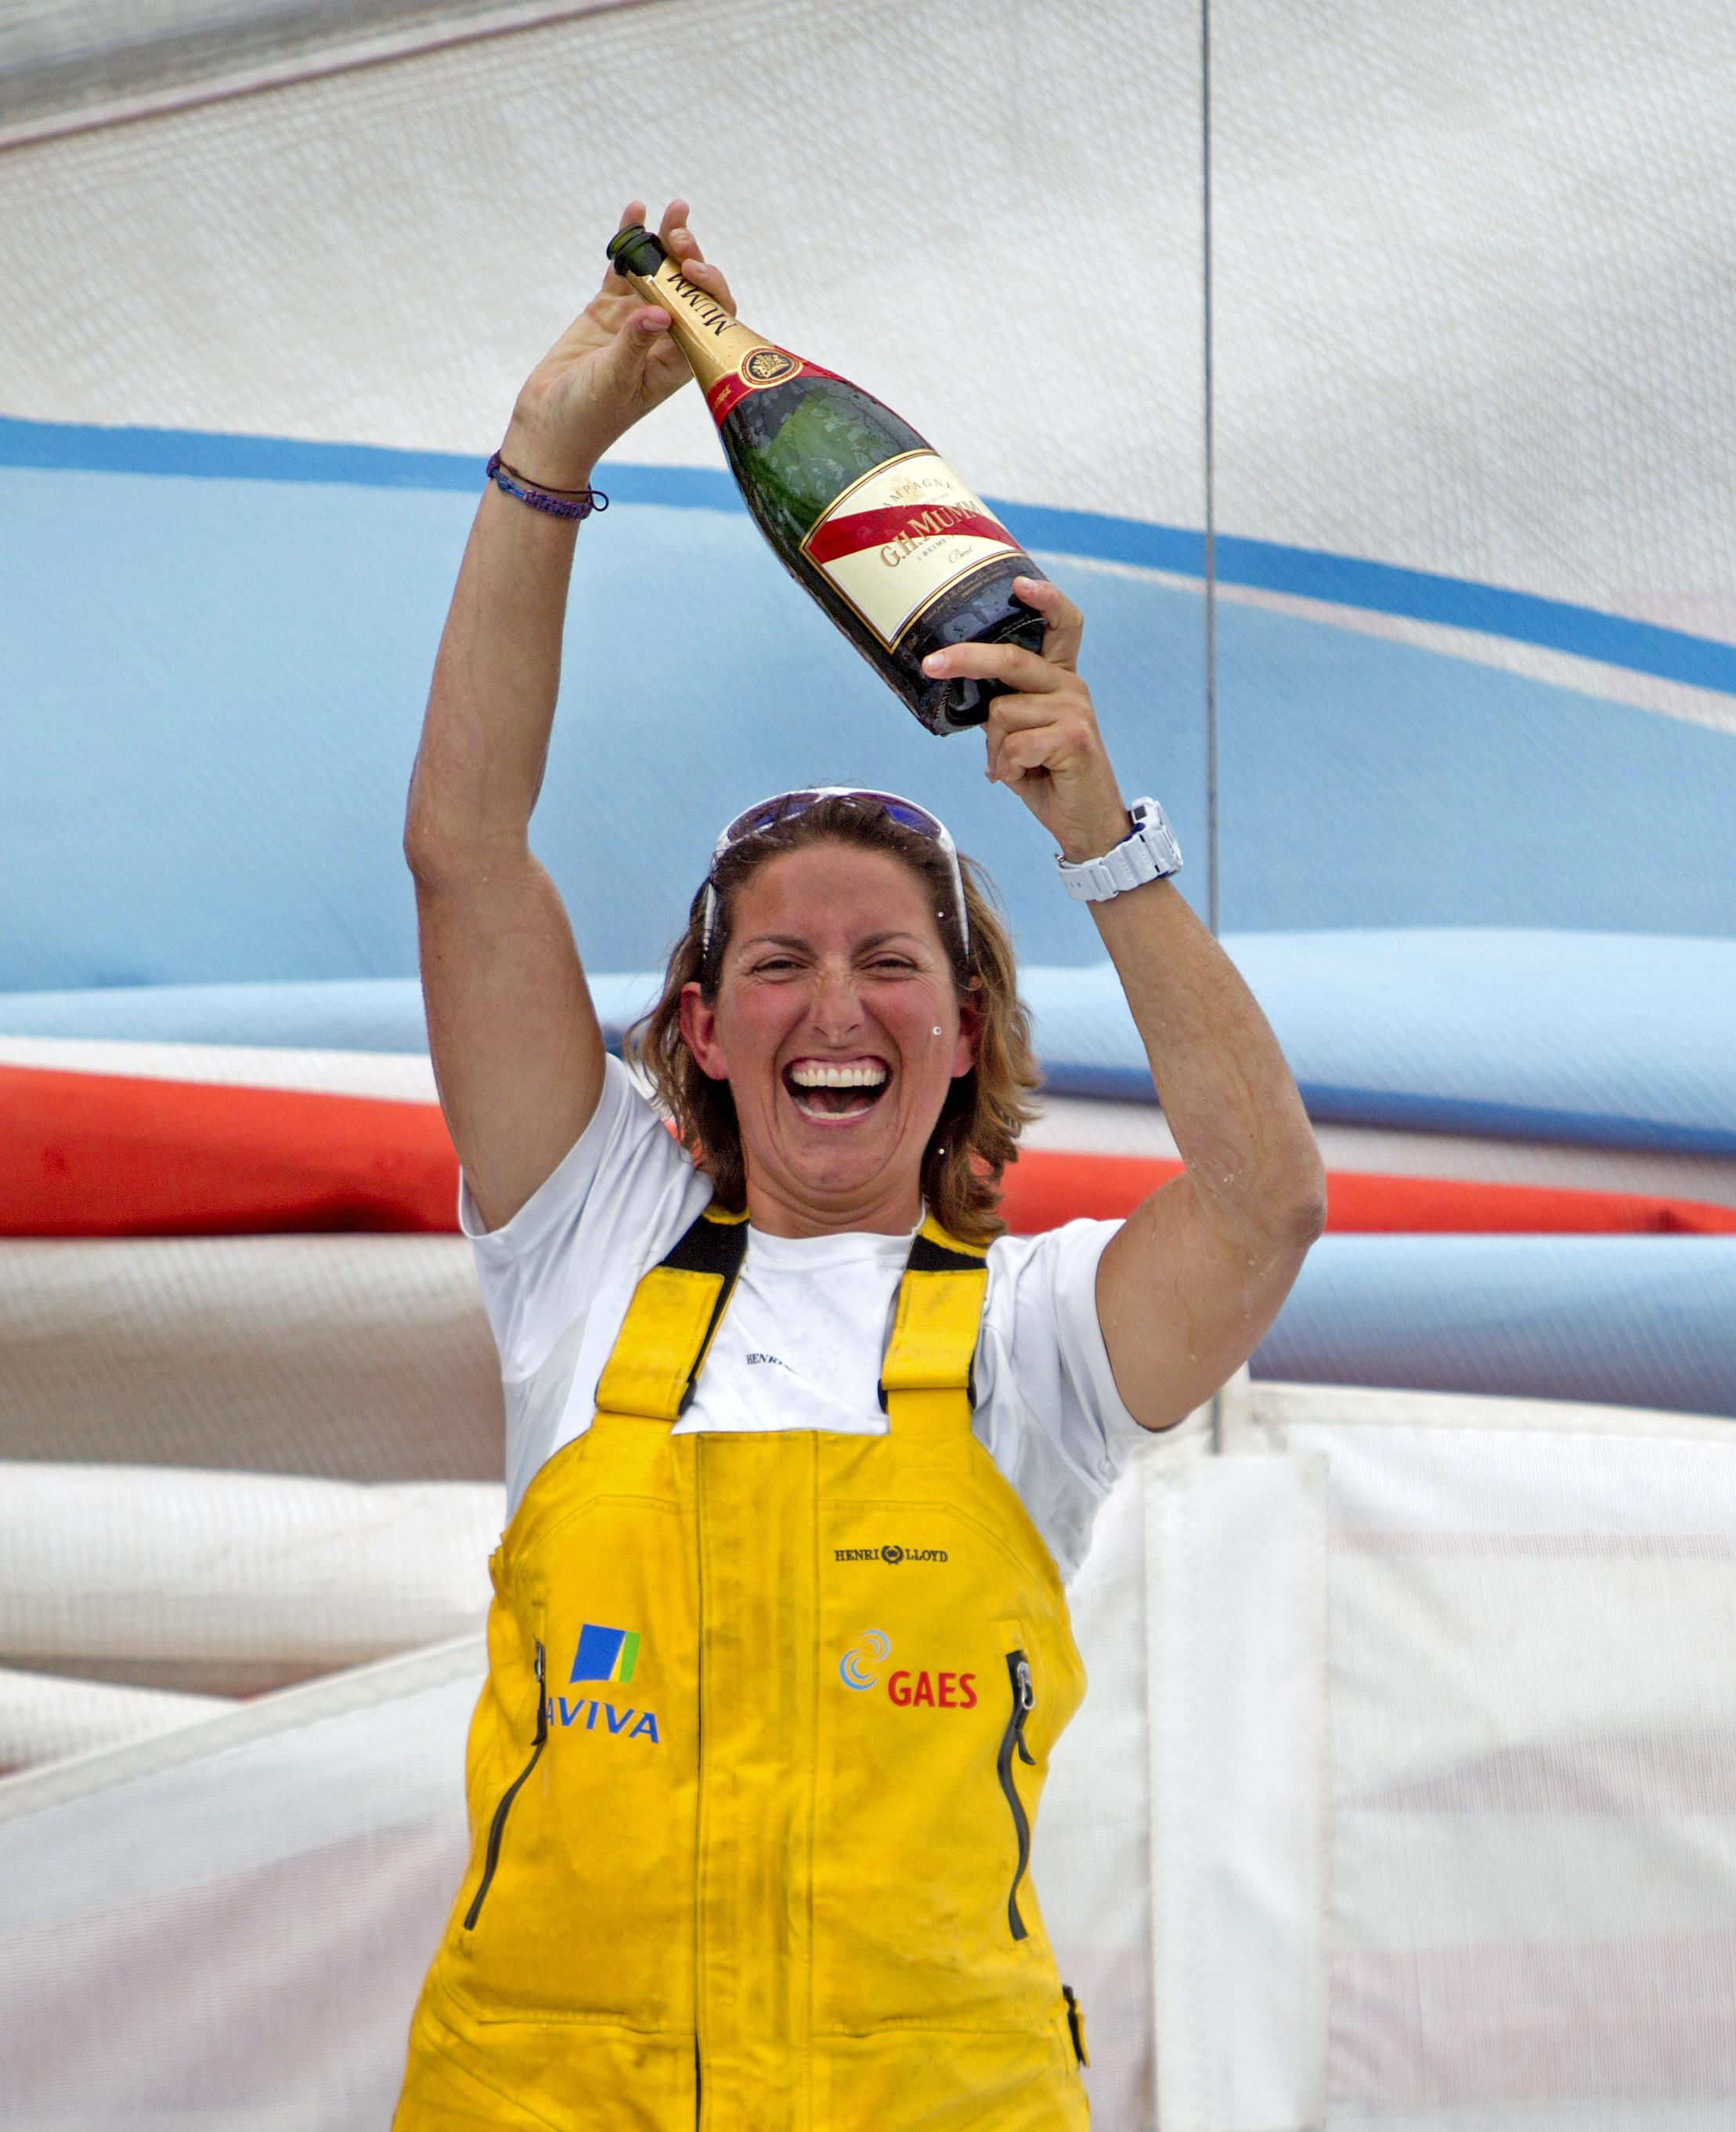 2010/11 Barcelona World Race